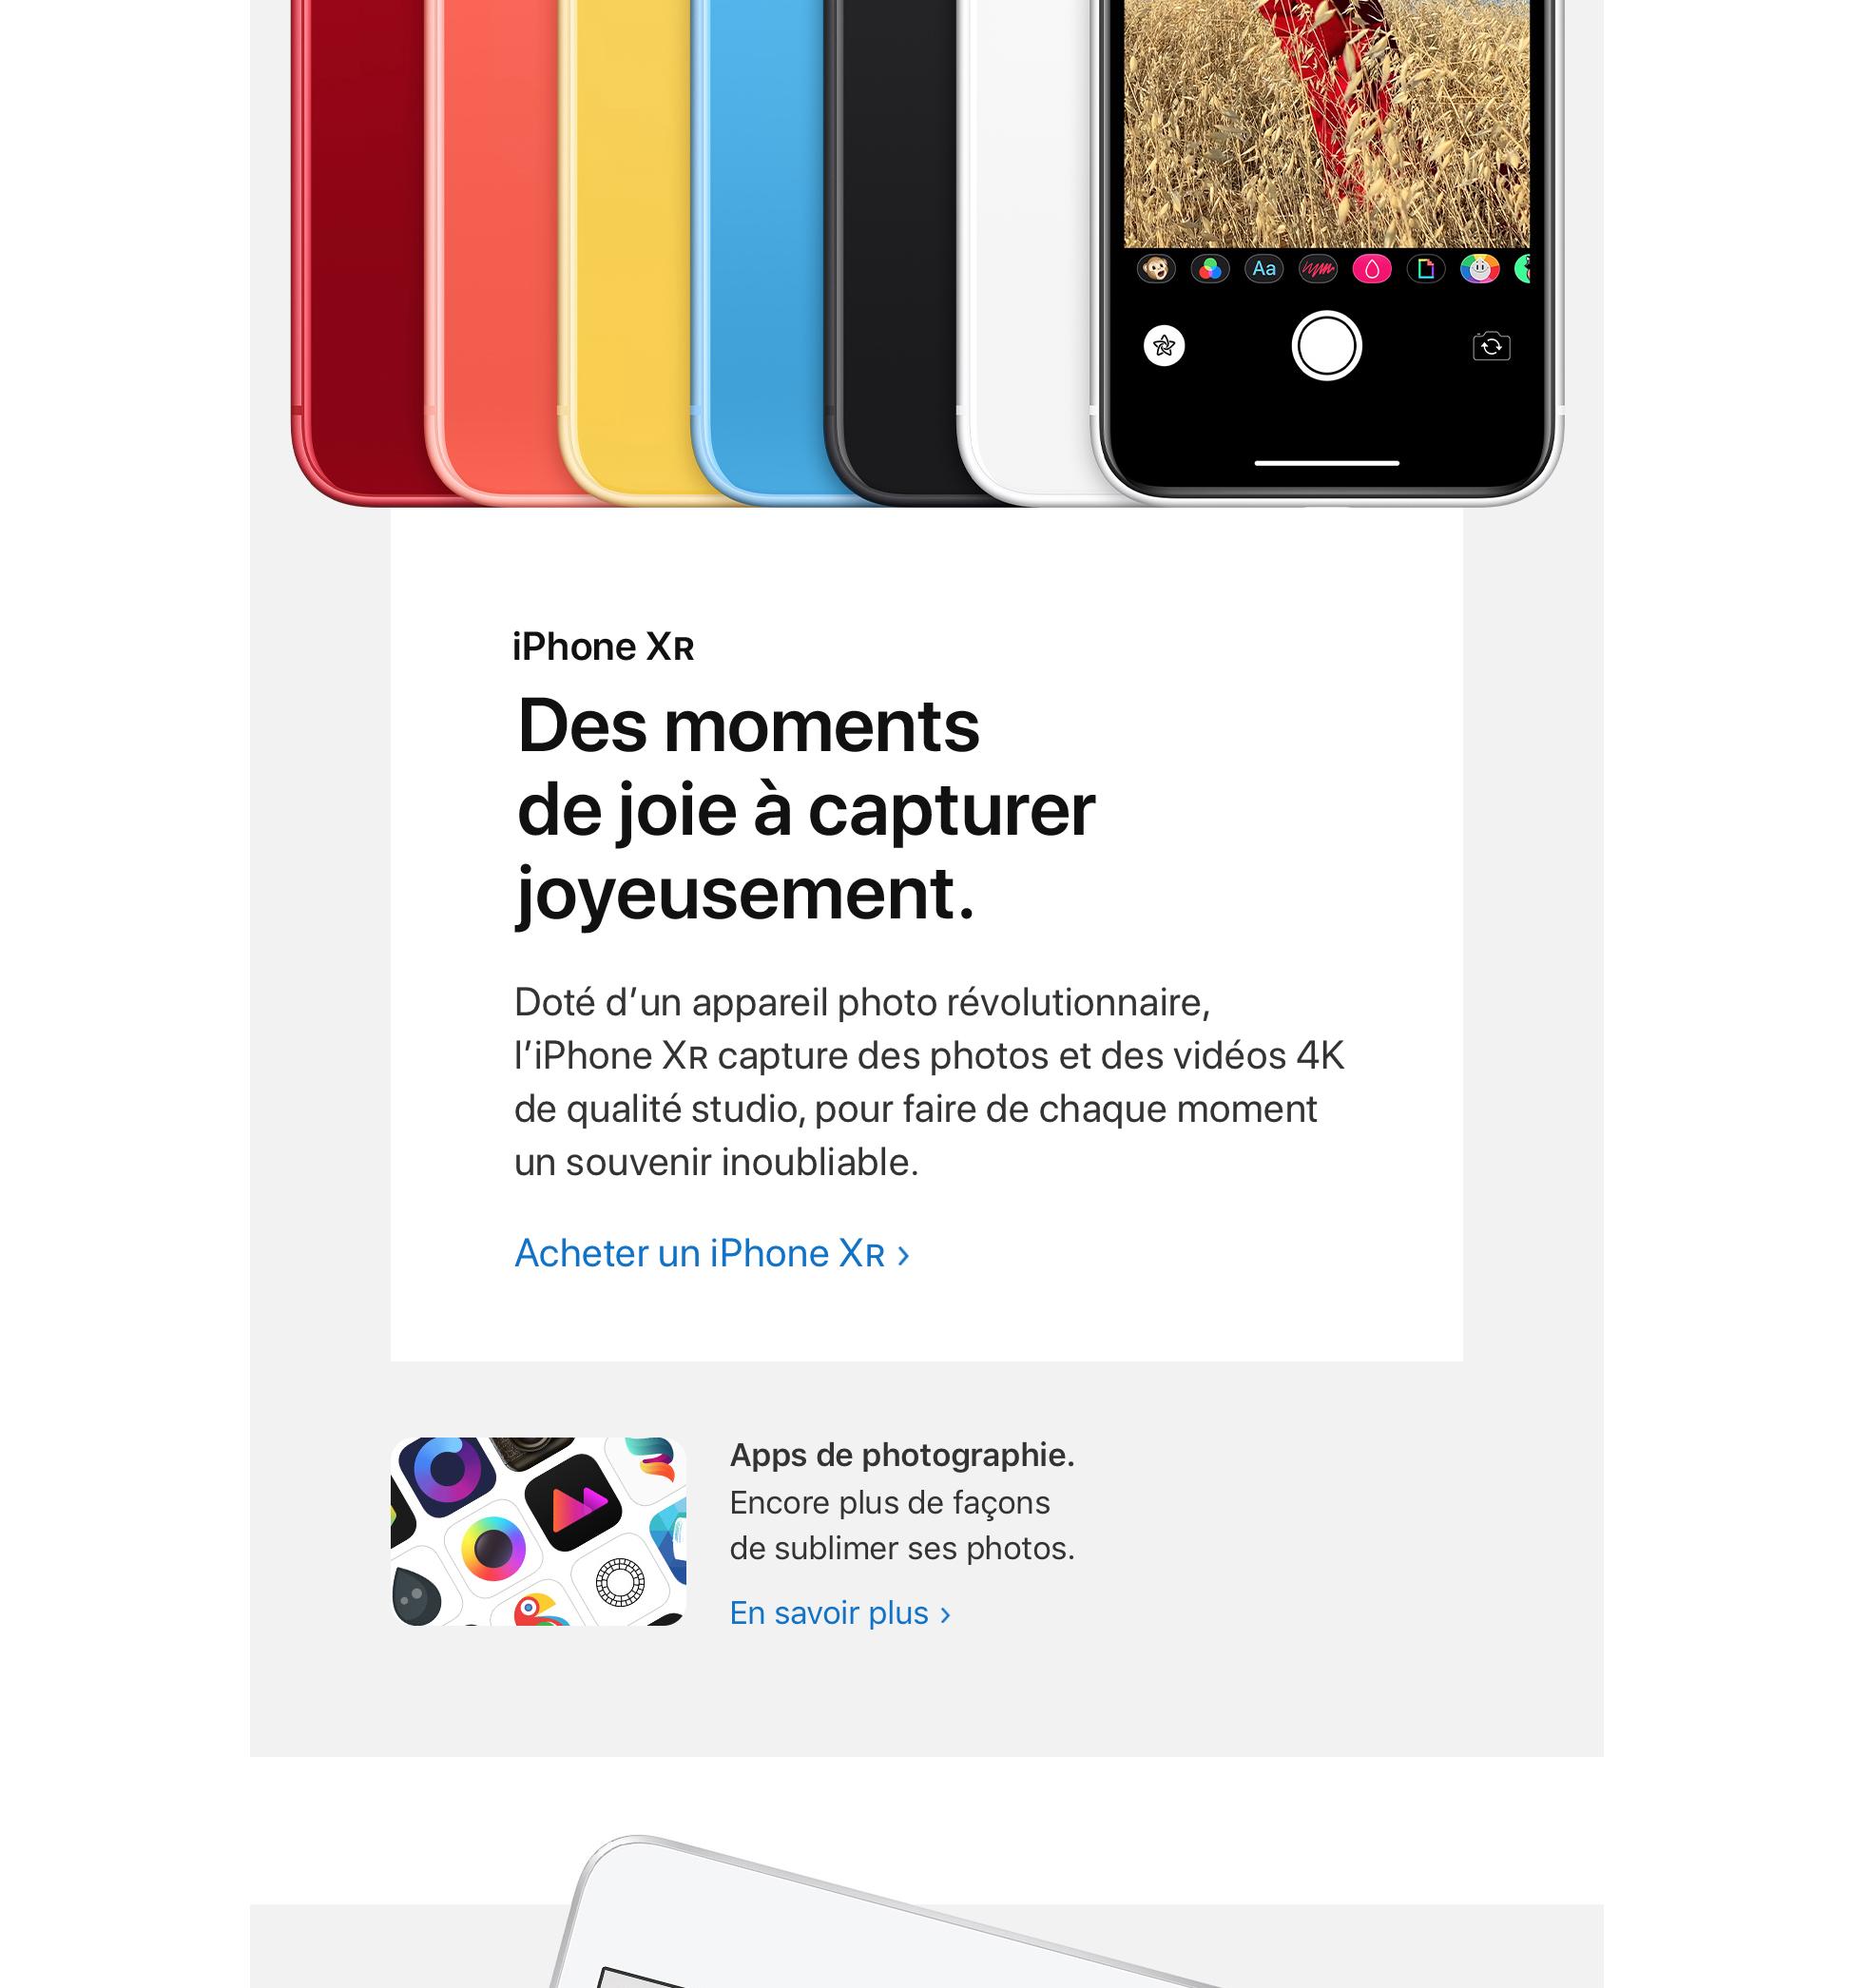 Épinglé par Nicolas Visualgnand sur Webdesign Emailing